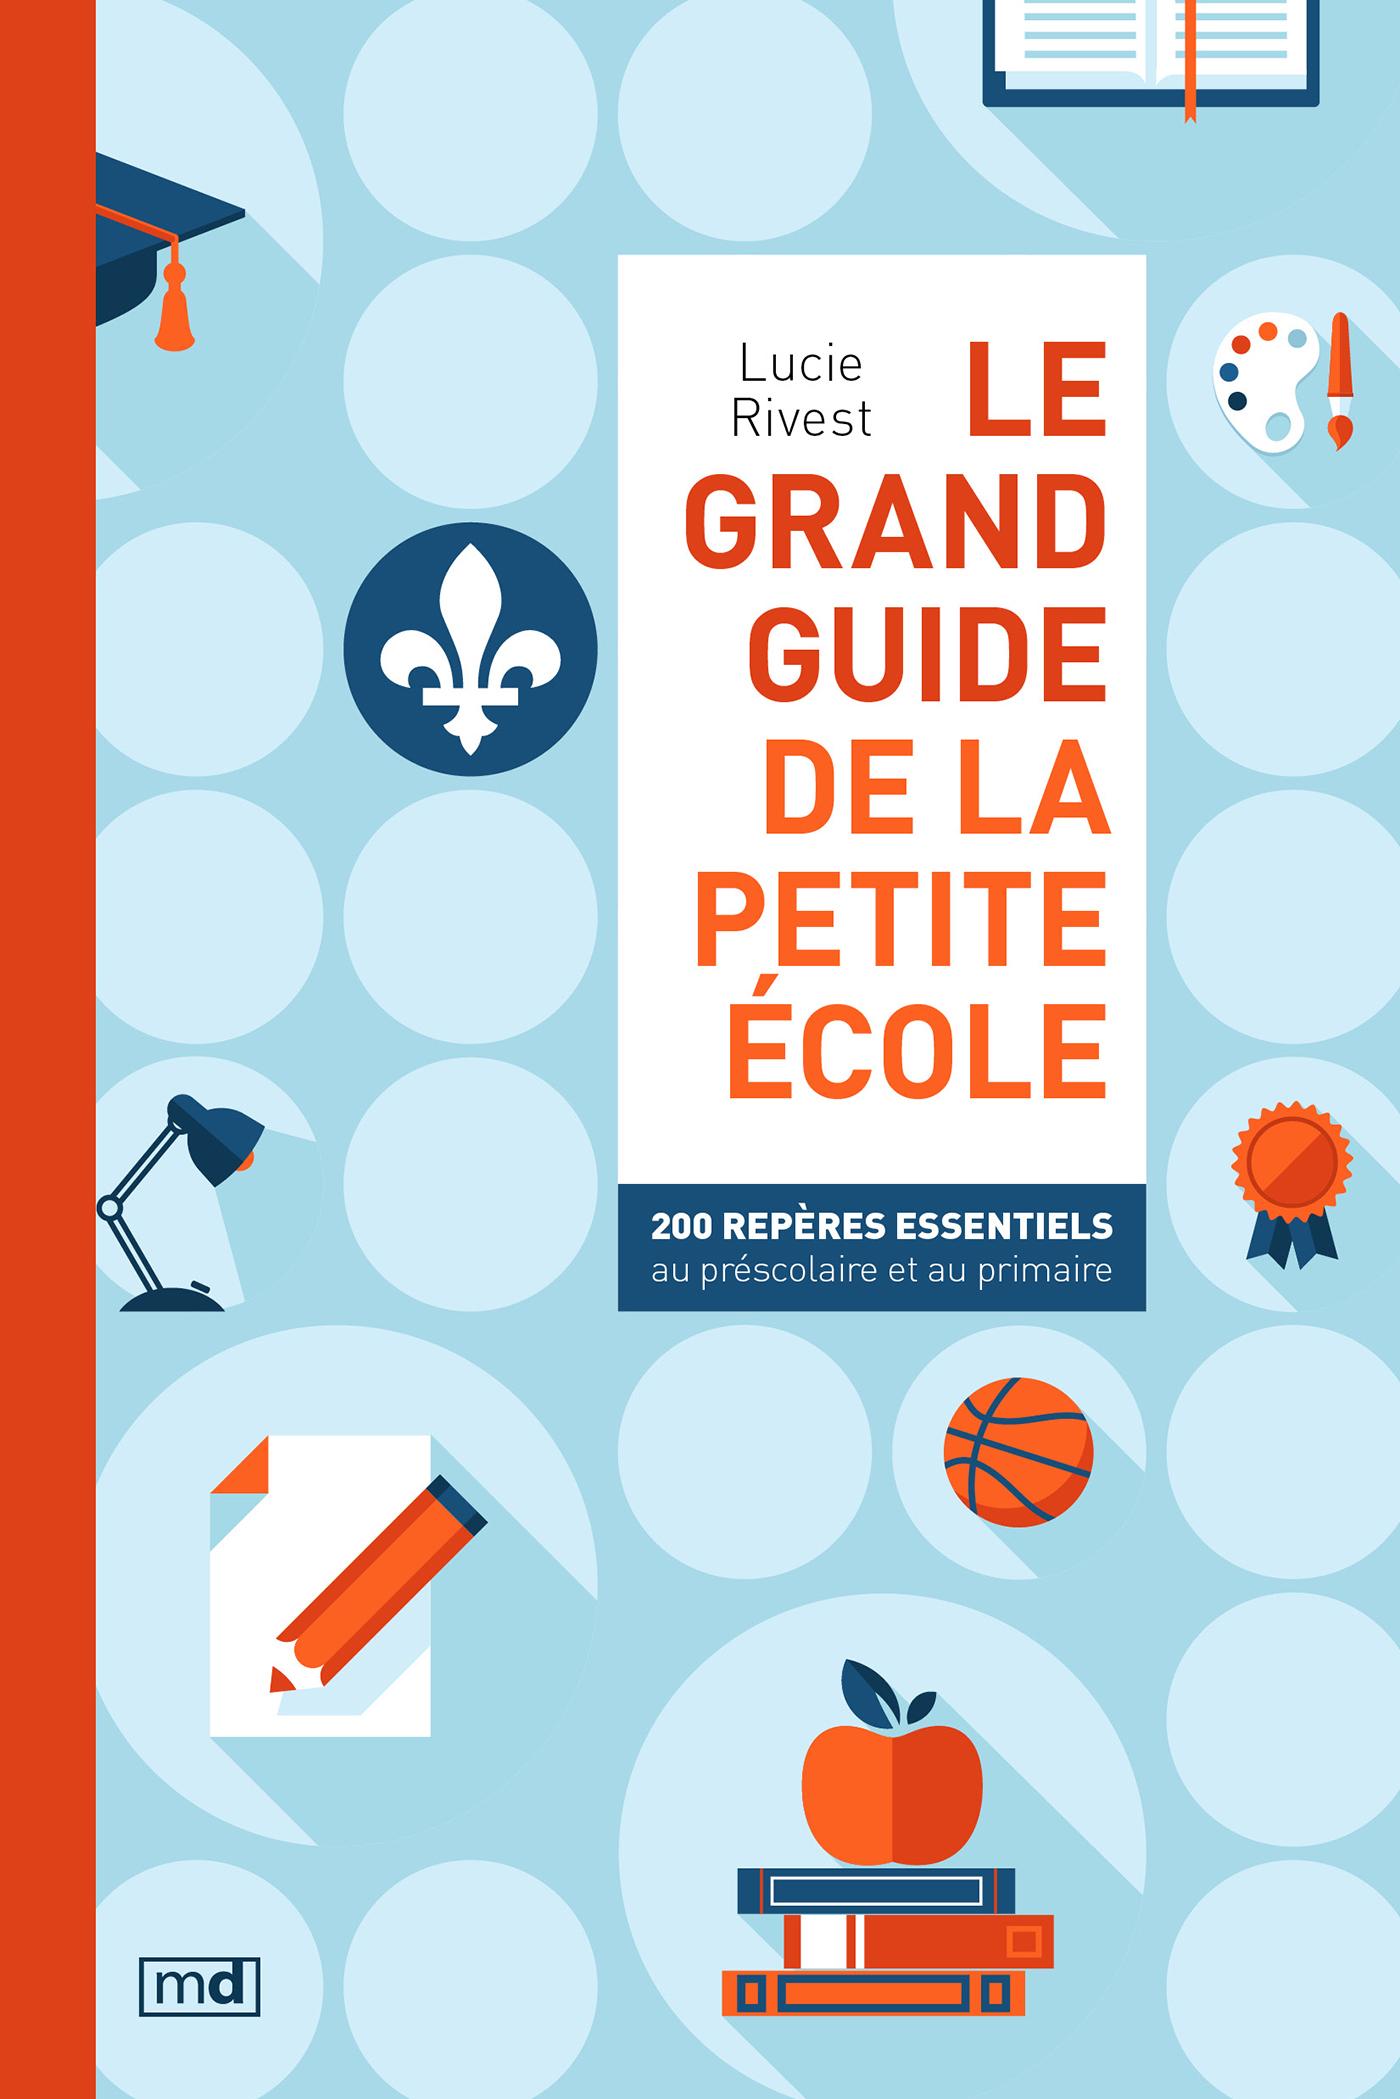 Le grand guide de la petite école : 200 repères essentiels au préscolaire et au primaire